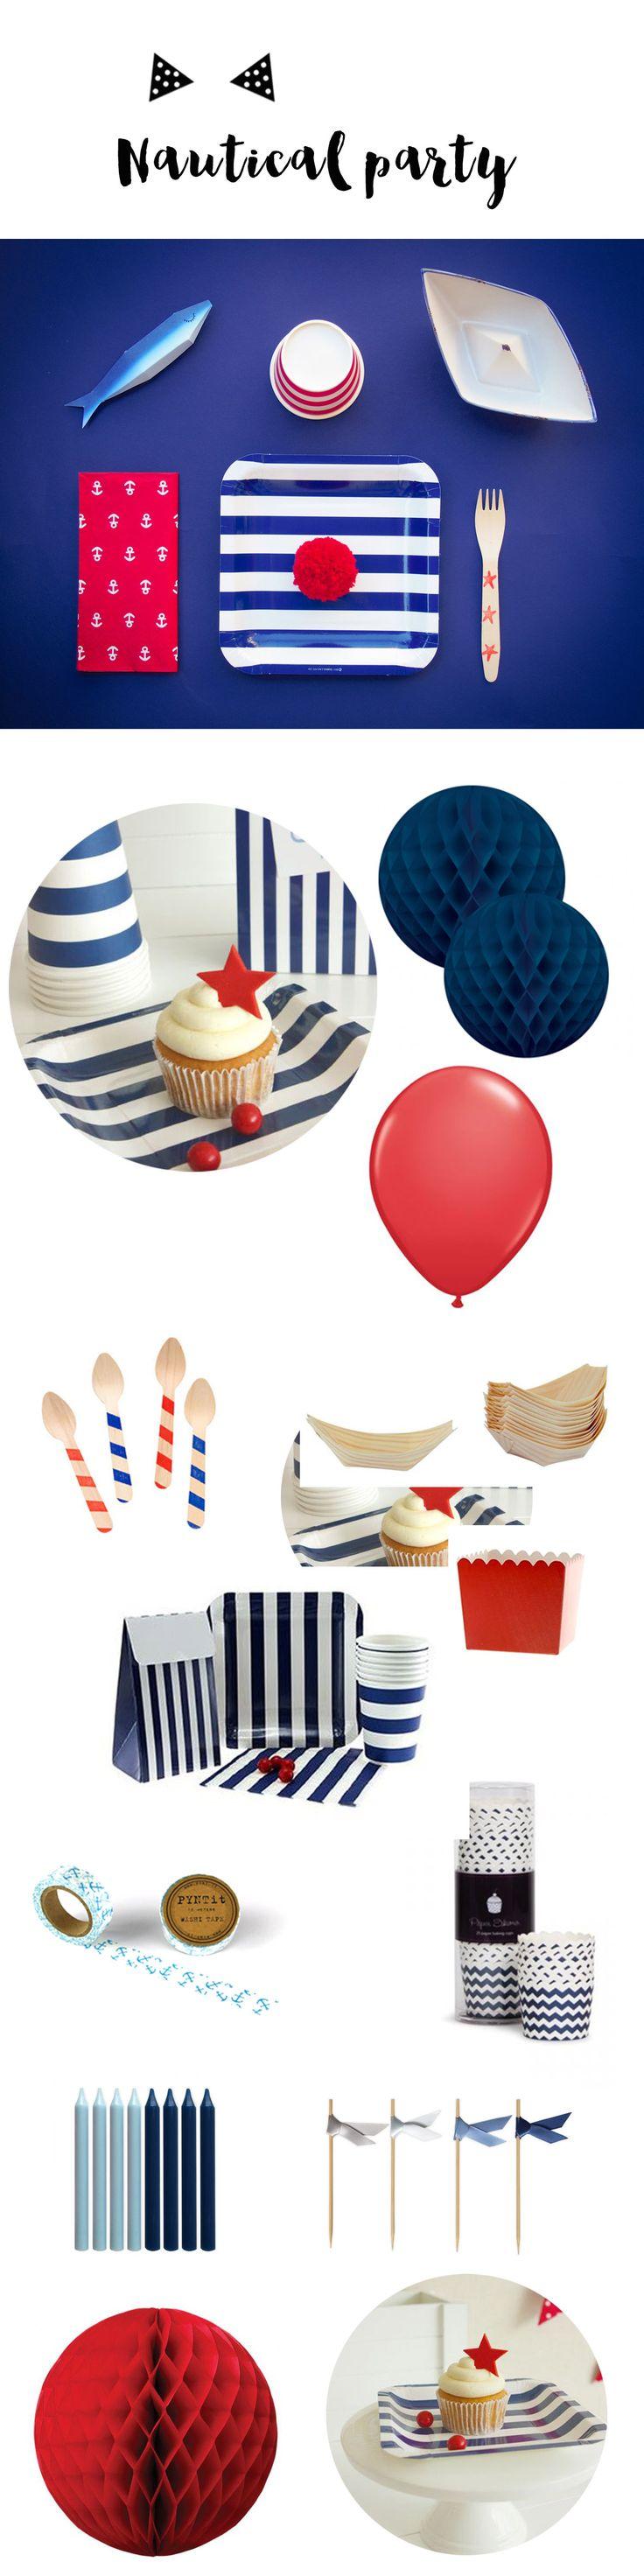 Vaisselle et accessoires de décoration pour un anniversaire sur un thème marin, à retrouver sur www.rosecaramelle.fr #nautical #marin #fete #party #nauticalparty #anniversaire #vaisselle #deco #kids #rayures #mariniere #marine #decoration